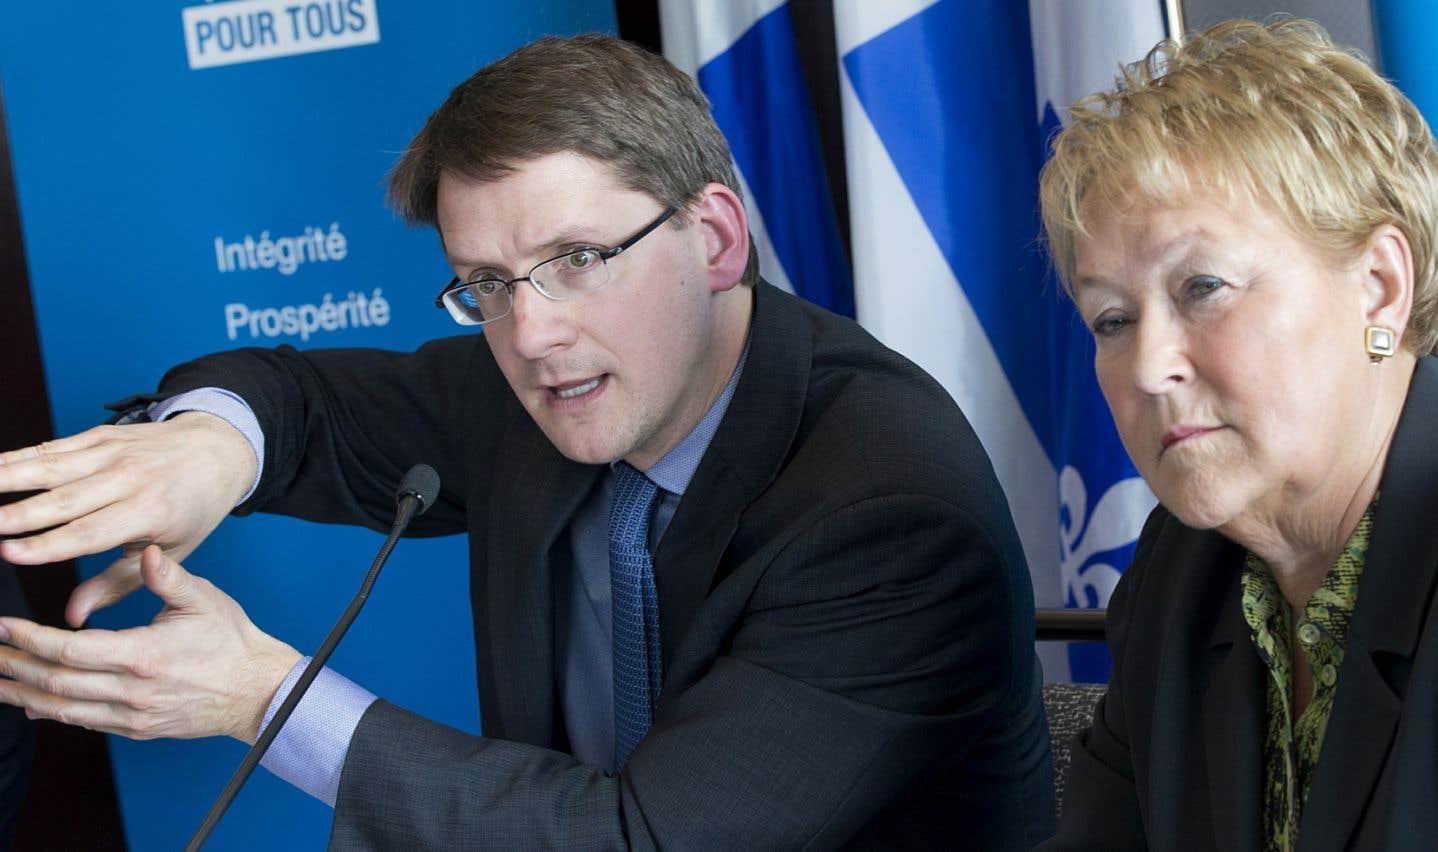 Le gouvernement de Pauline Marois a déposé le projet de loi sur l'économie sociale le 19 mars dernier. C'est le ministre des Affaires municipales, des Régions et de l'Occupation du territoire, Sylvain Gaudreault, qui sera chargé du dossier.